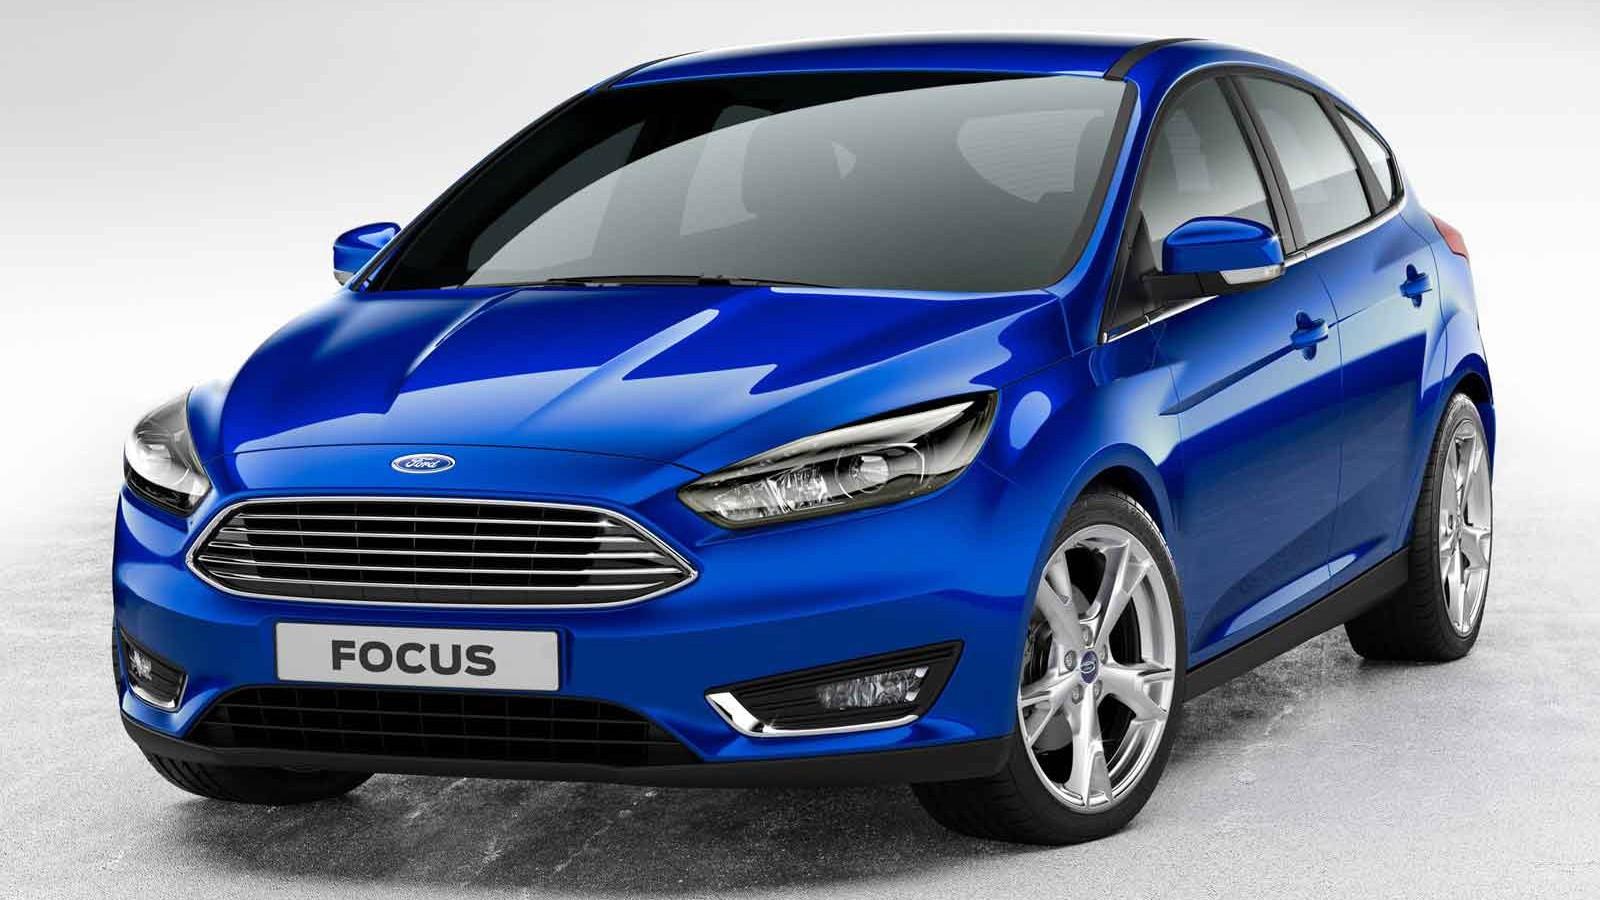 ford focus 2015 bakal punya dua versi mesin e1f3a2 - Genf 2014: Das ist der neue Ford Focus (2015)